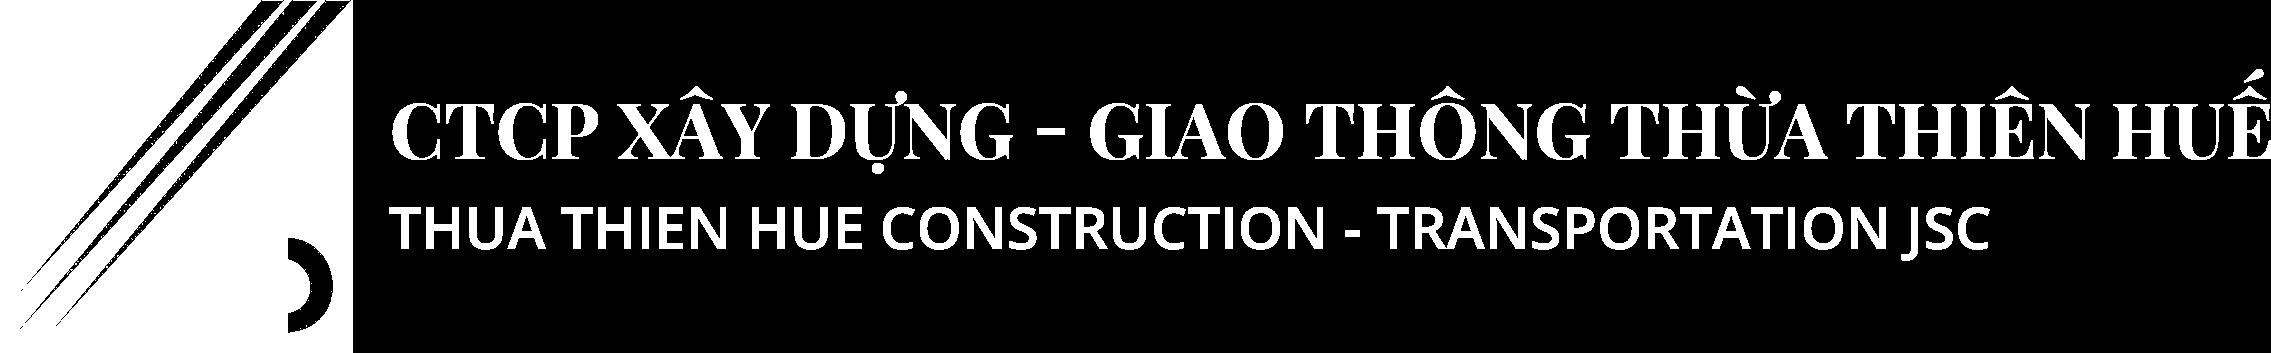 Công ty cổ phần xây dựng giao thông Thừa Thiên Huế